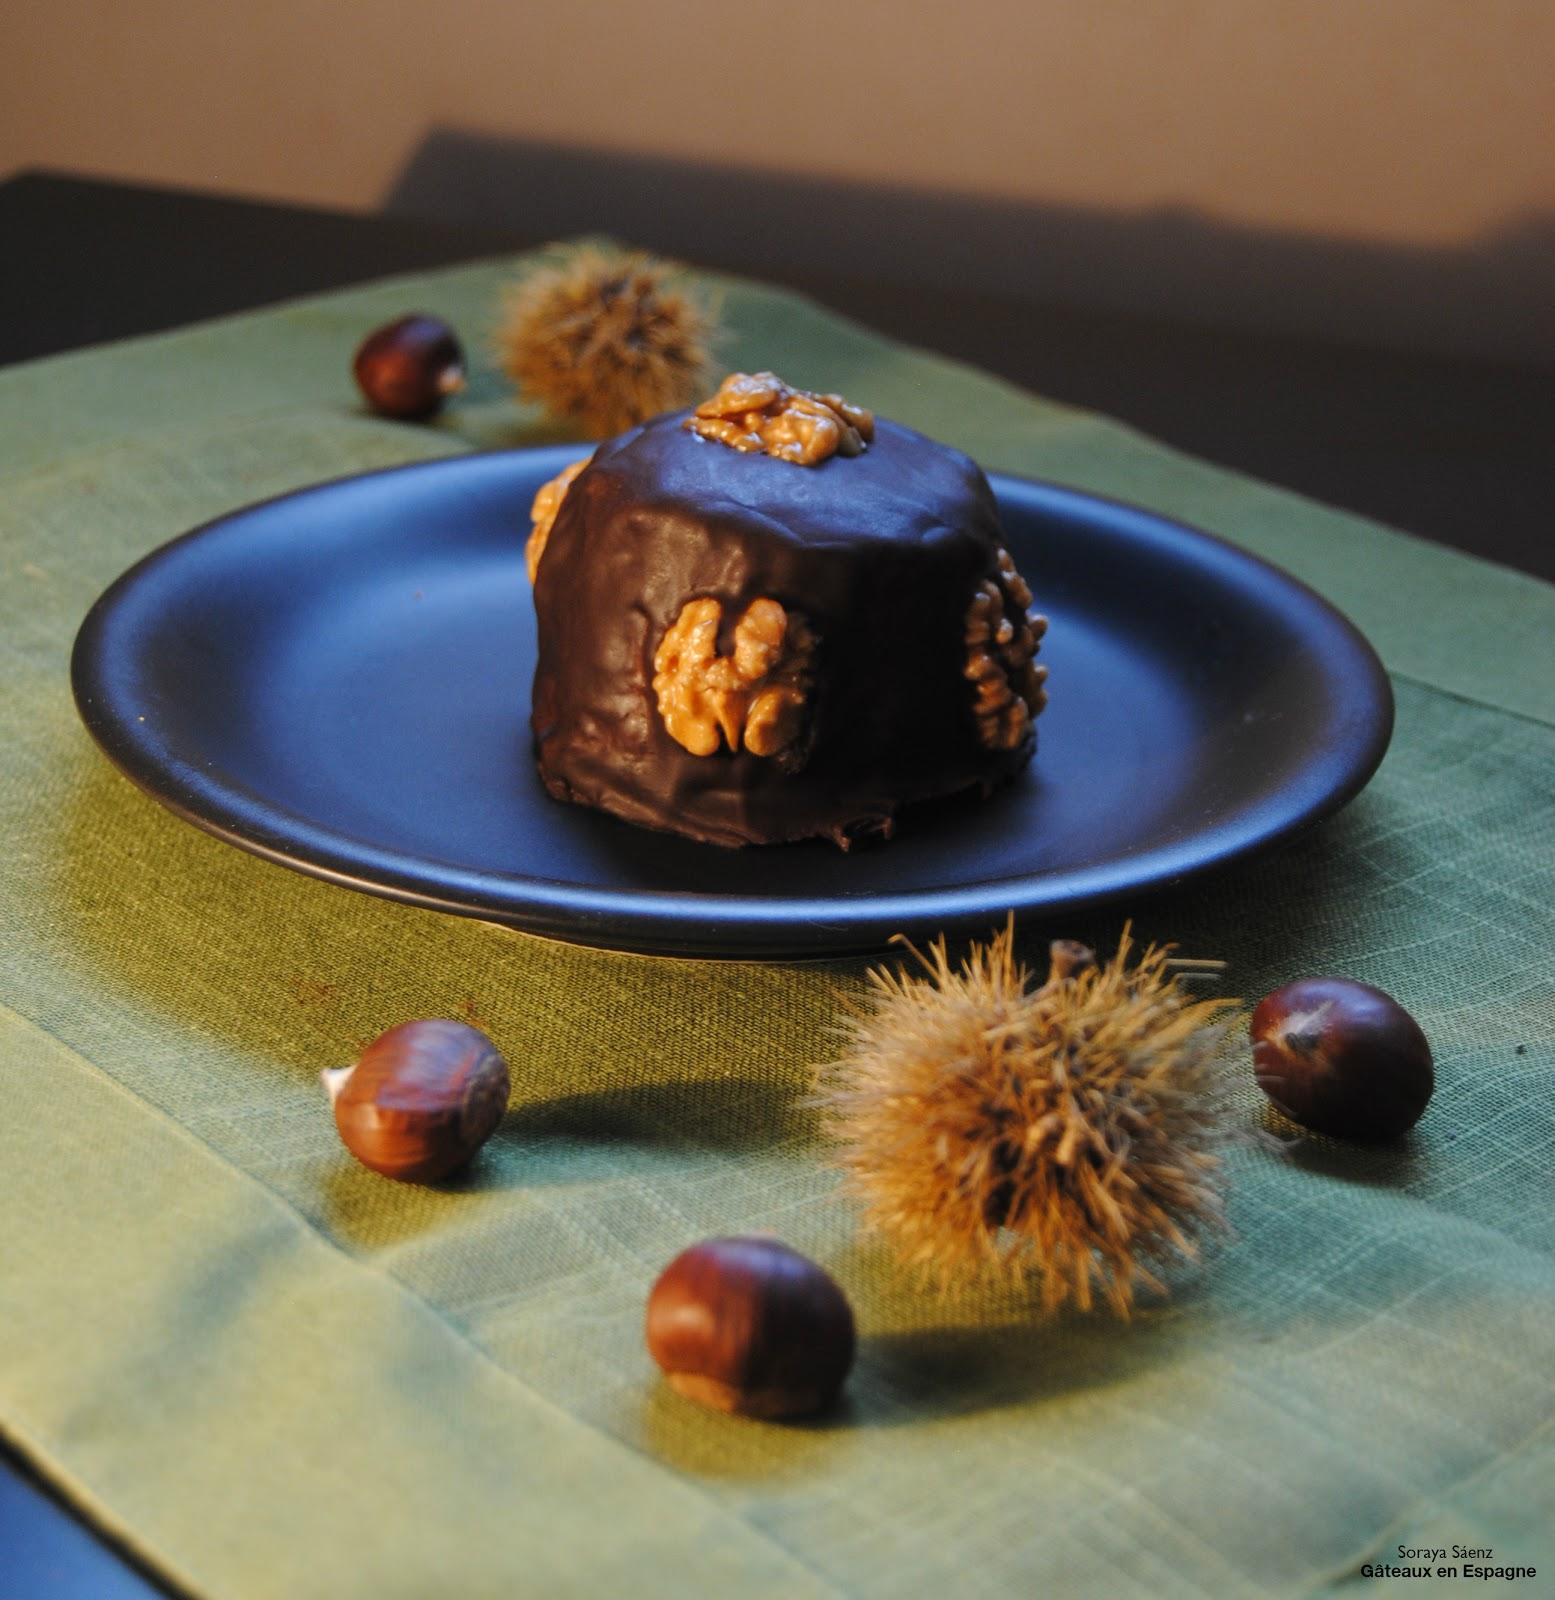 Gâteau Au Chocolat Glaçage Aux épices: GÂTEAUX EN ESPAGNE: Gâteau Au Chocolat Aux Marrons